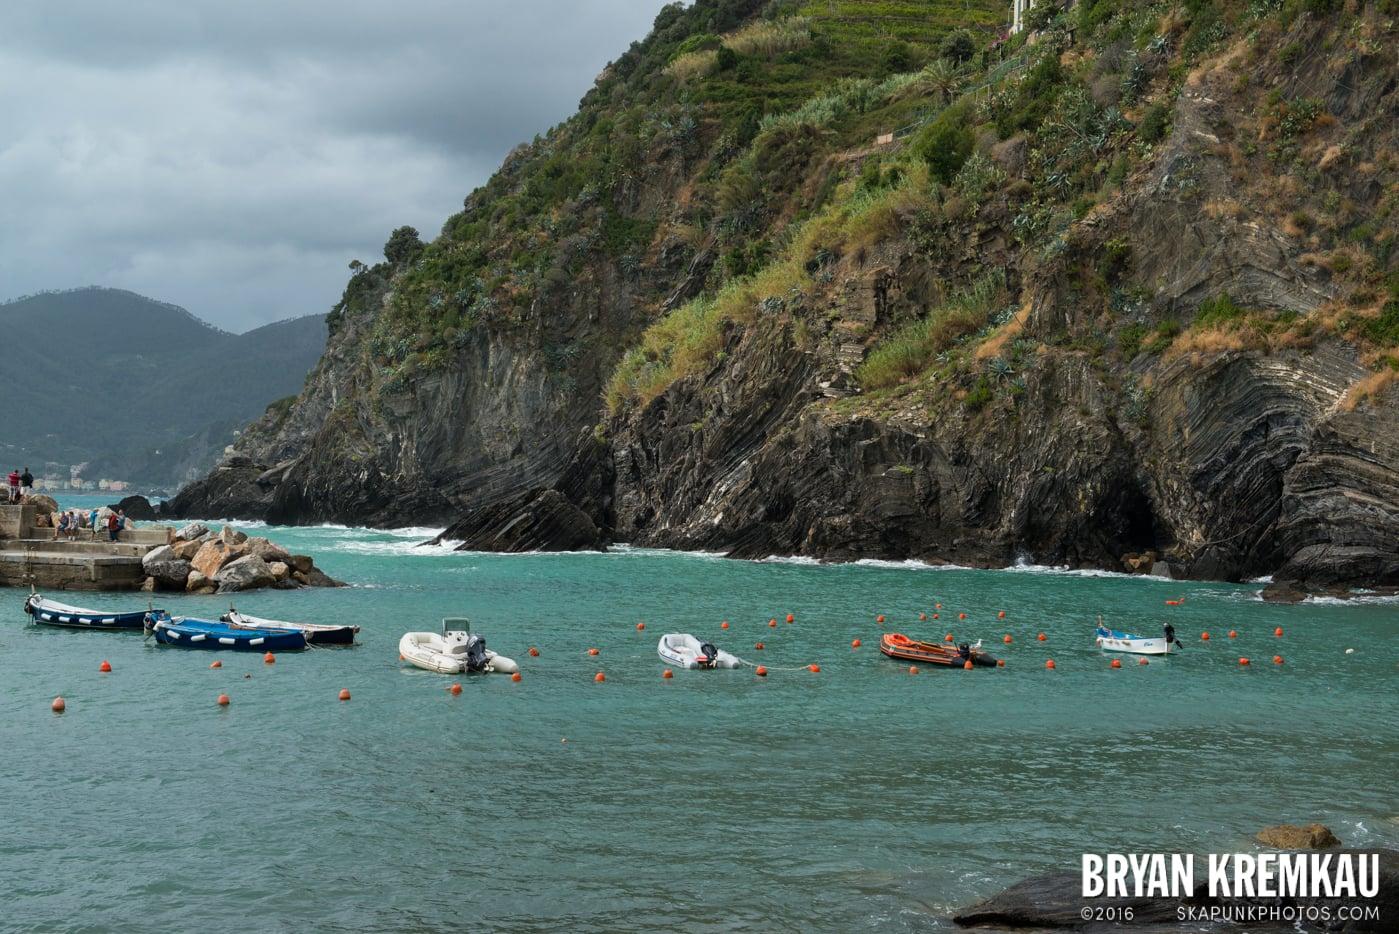 Italy Vacation - Day 10: Cinque Terre - 9.18.13 (43)